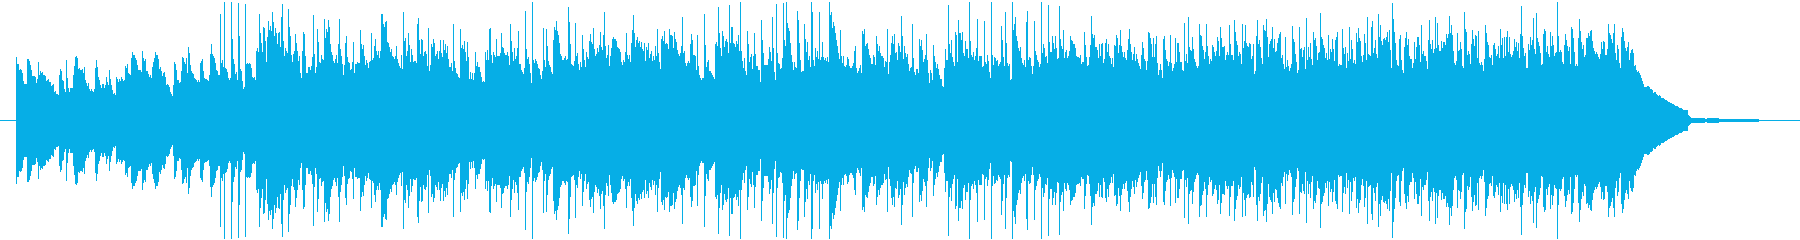 元気でさわやかなBGMの再生済みの波形